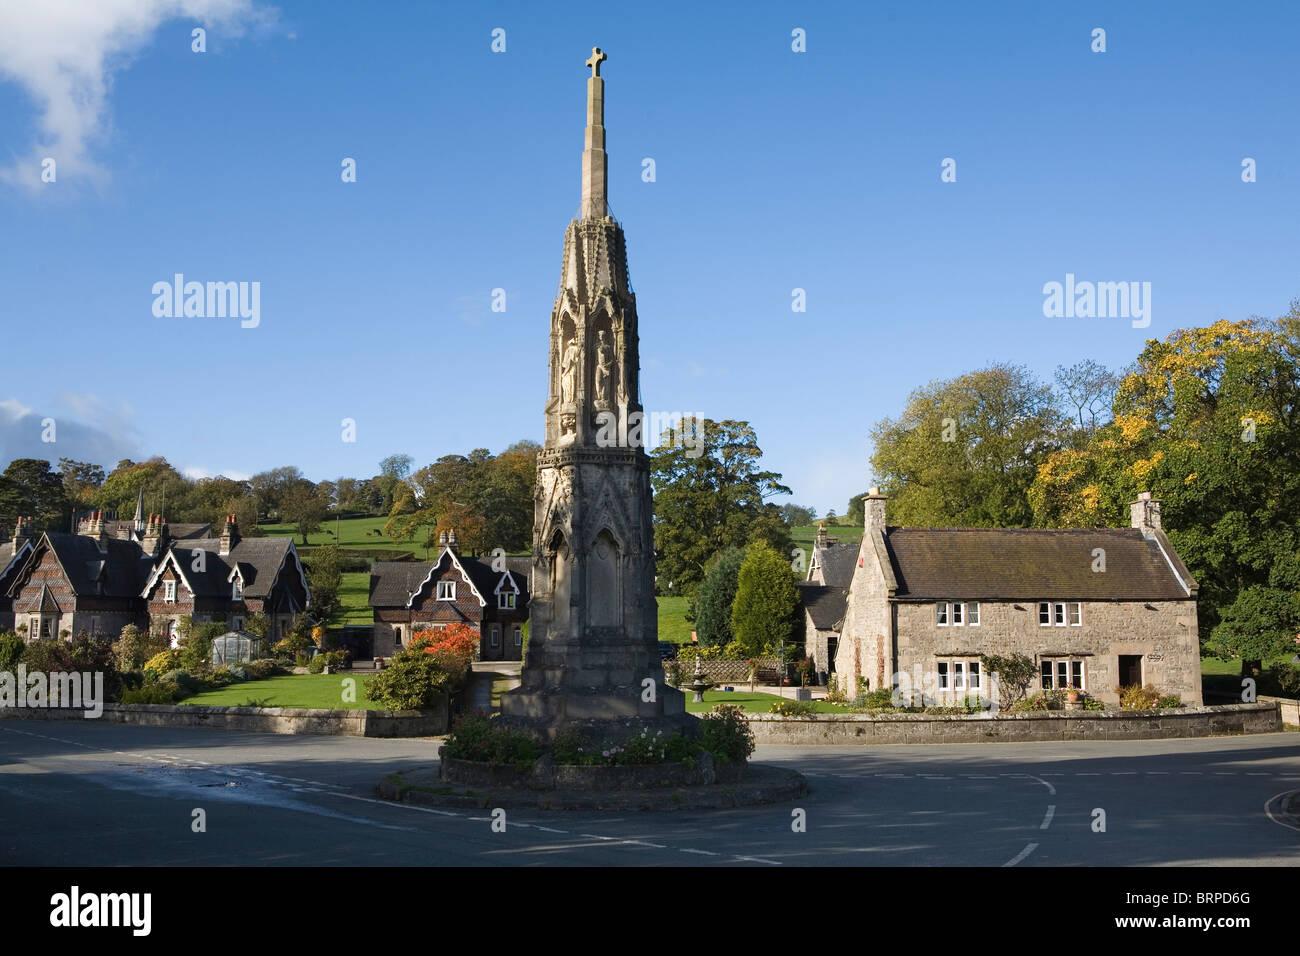 Ilam, Staffordshire, Peak District National Park, England, UK - Stock Image